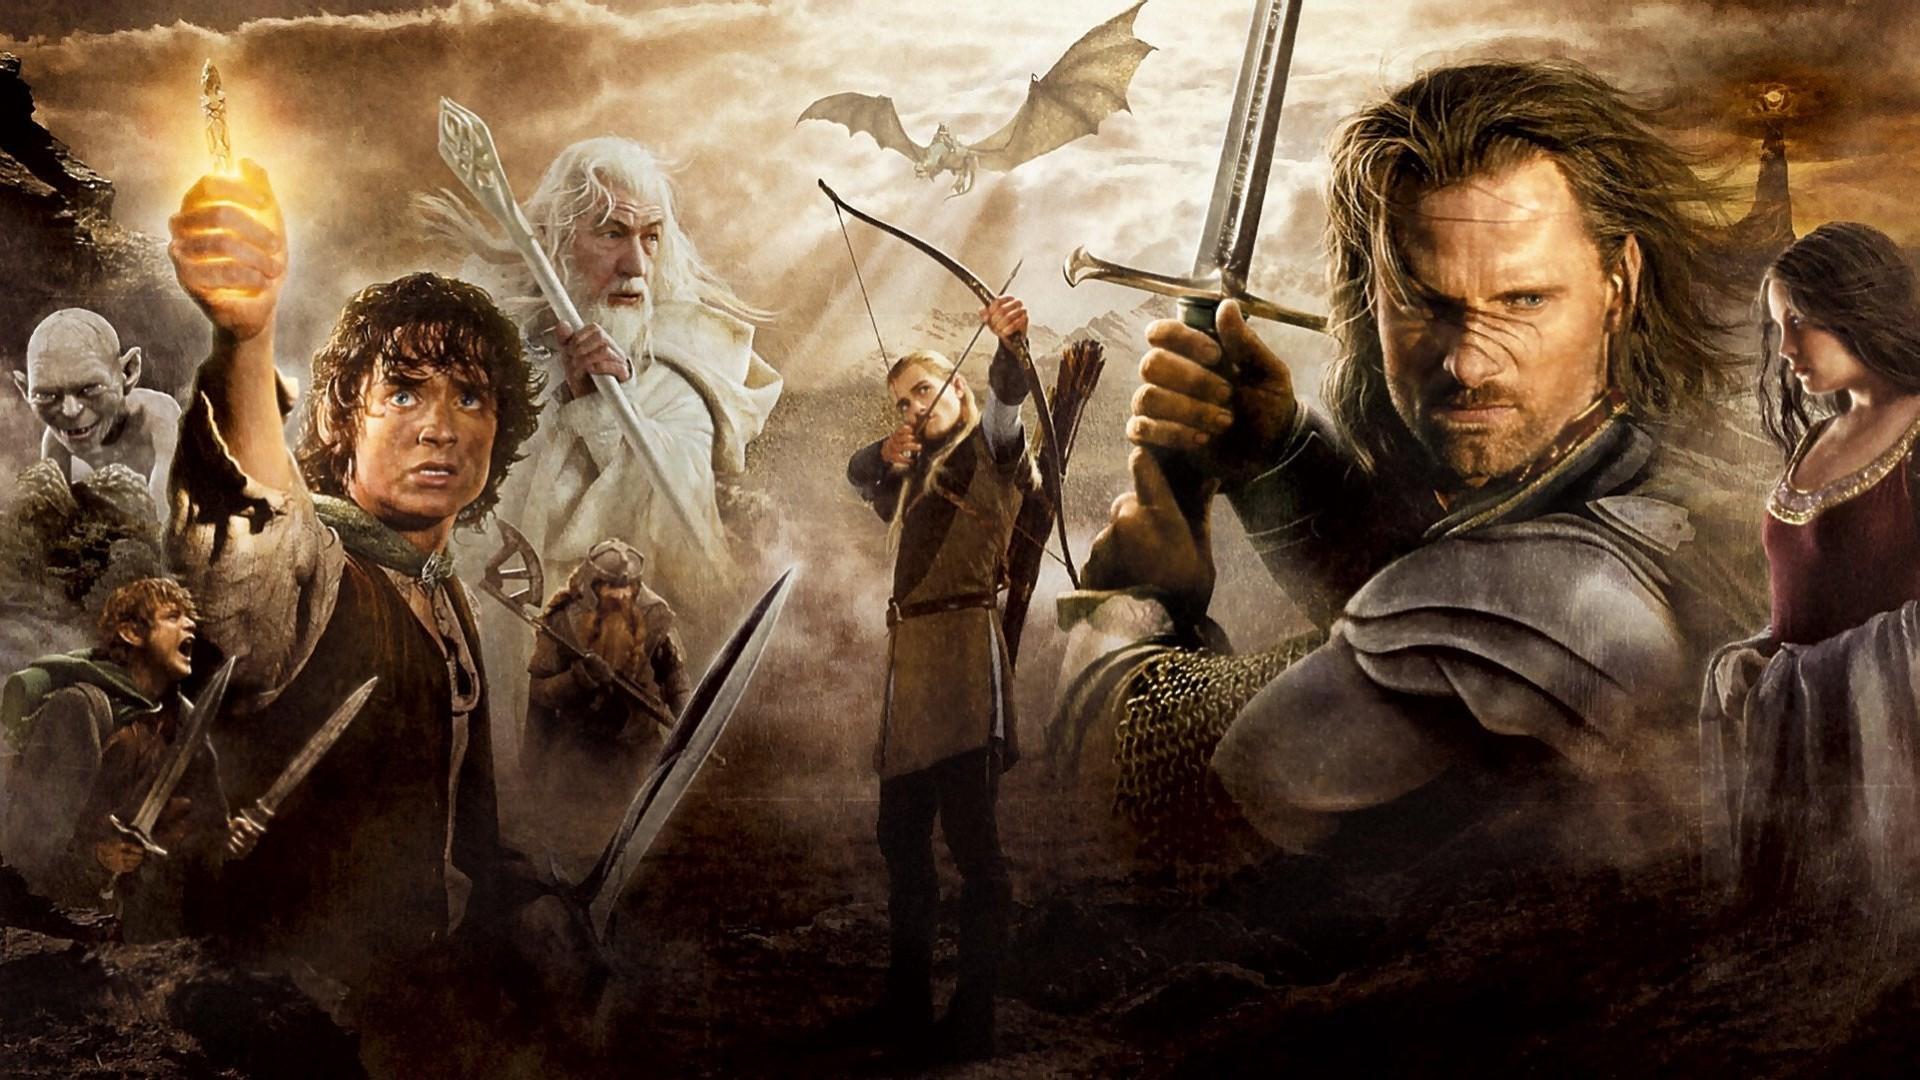 Res: 1920x1080, Aragorn Wallpaper Full HD